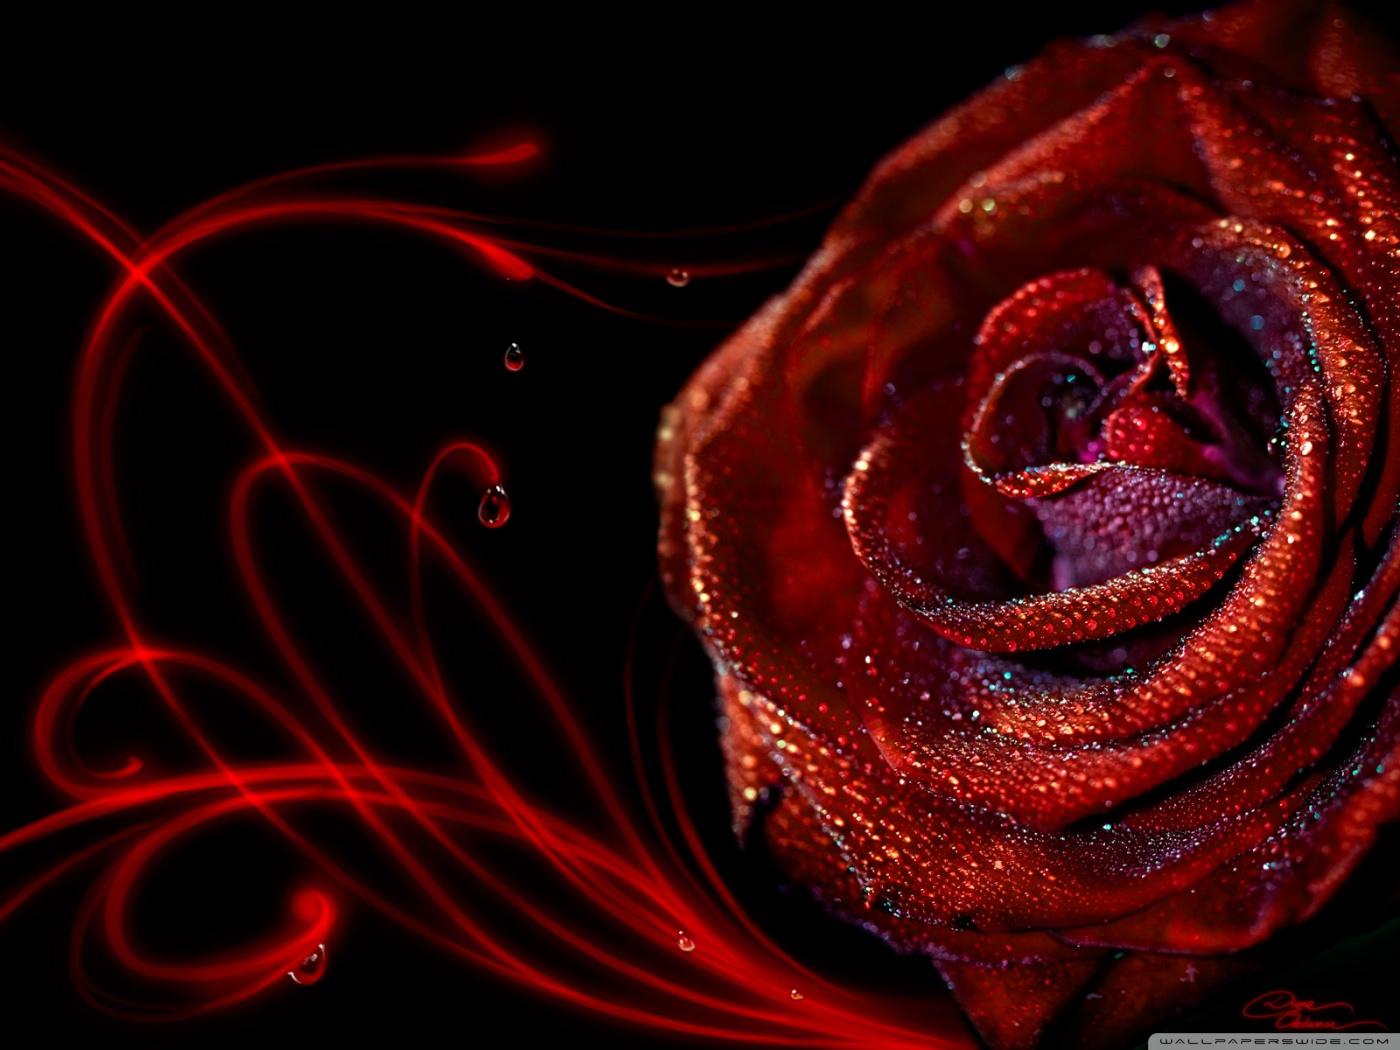 http://3.bp.blogspot.com/-BhuZeff8s30/T5LqZeh-nuI/AAAAAAAAAac/2xC5TuLCHbI/s1600/passion_by_diane_ozdamar-wallpaper-1400x1050.jpg